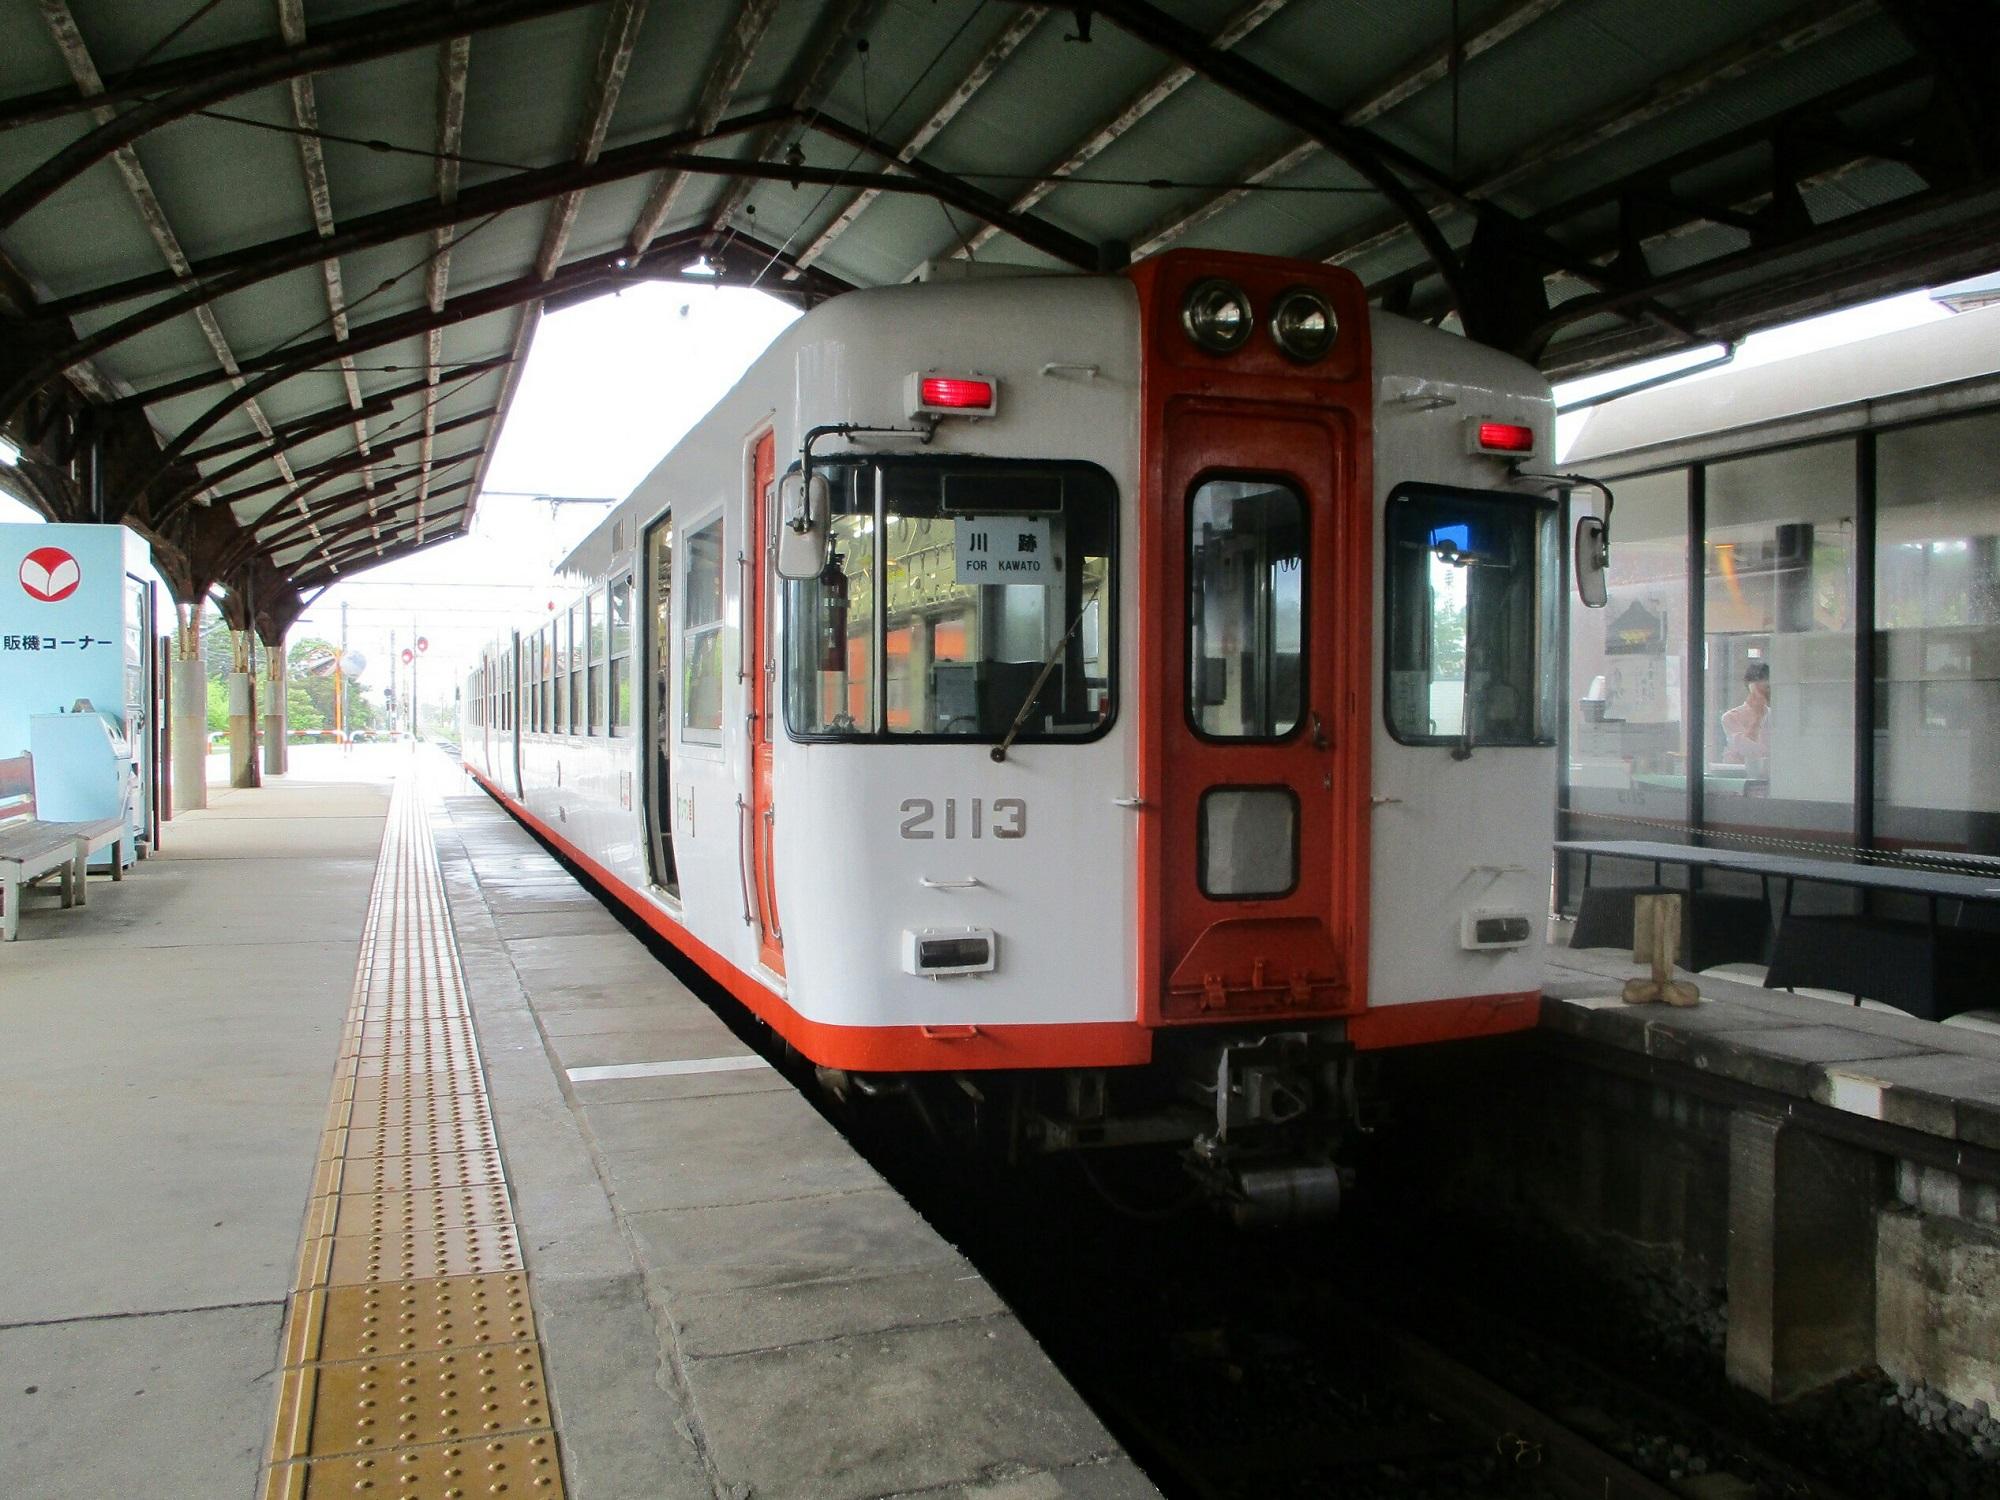 2018.7.6 (132) 出雲大社前 - 川跡いきふつう 2000-1500